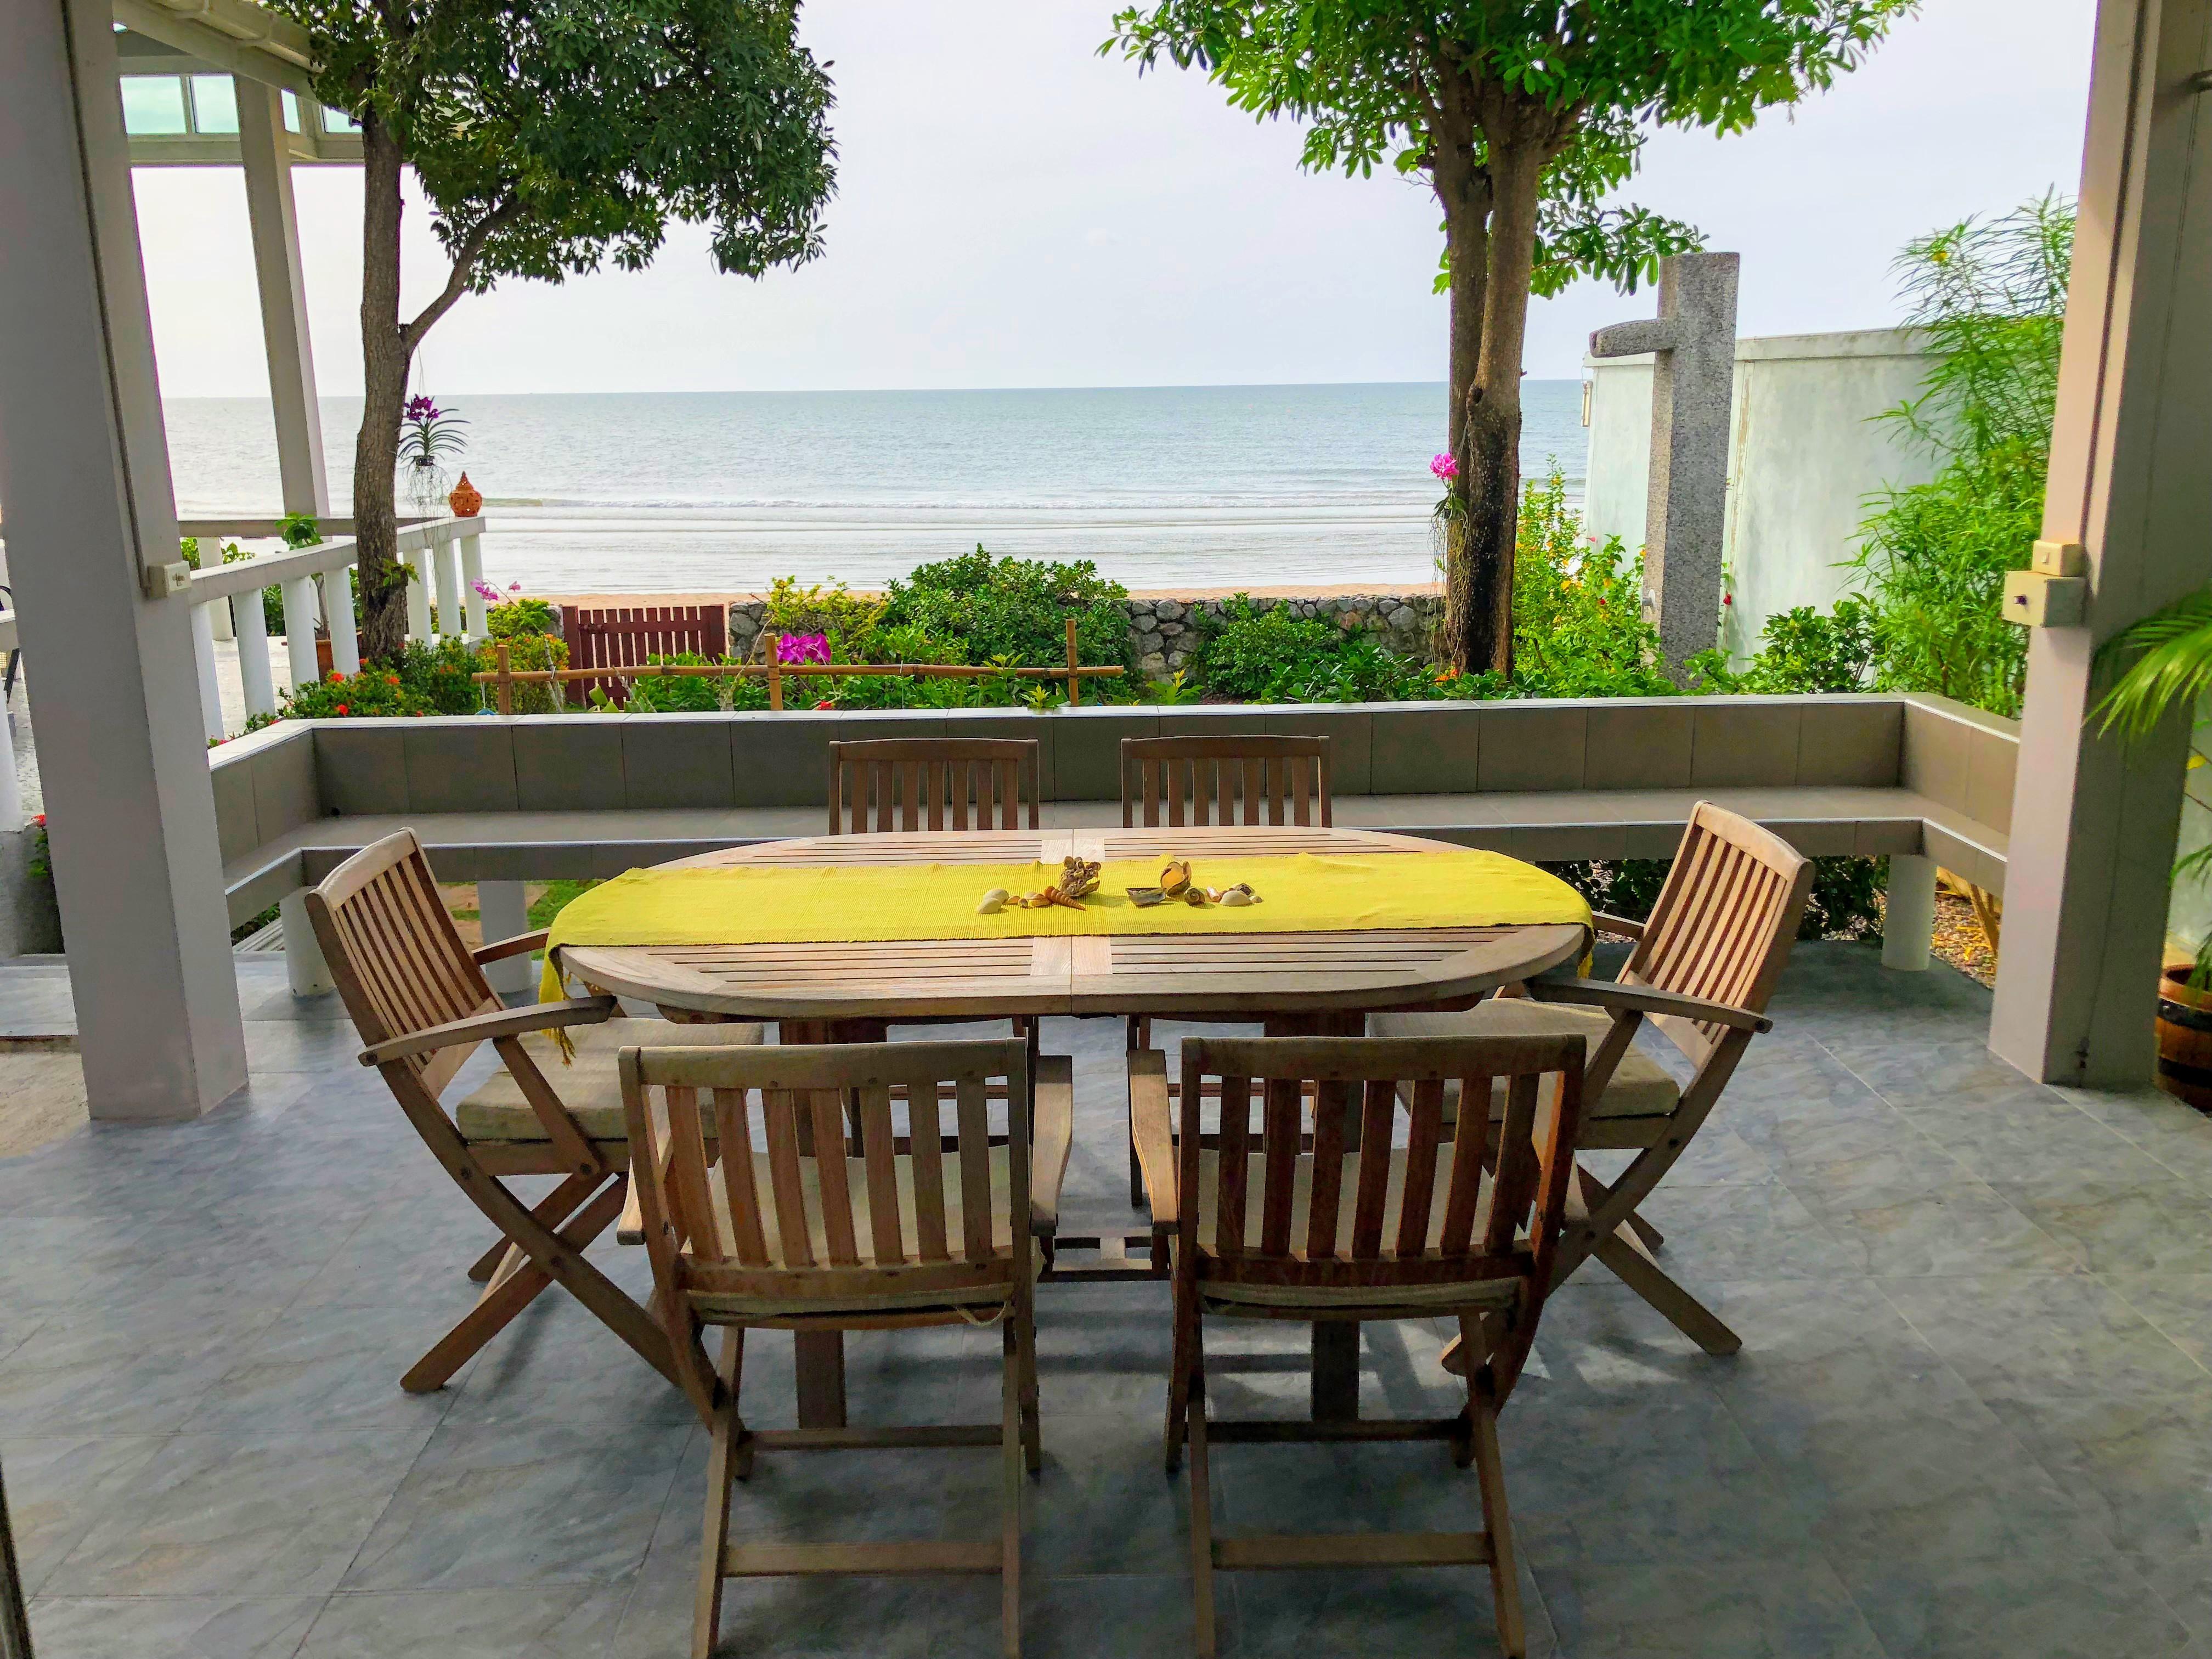 Uteplatsen utanför vardagsrummet. Bordet kan förlängas med en skiva så ytterligare personer får plats.